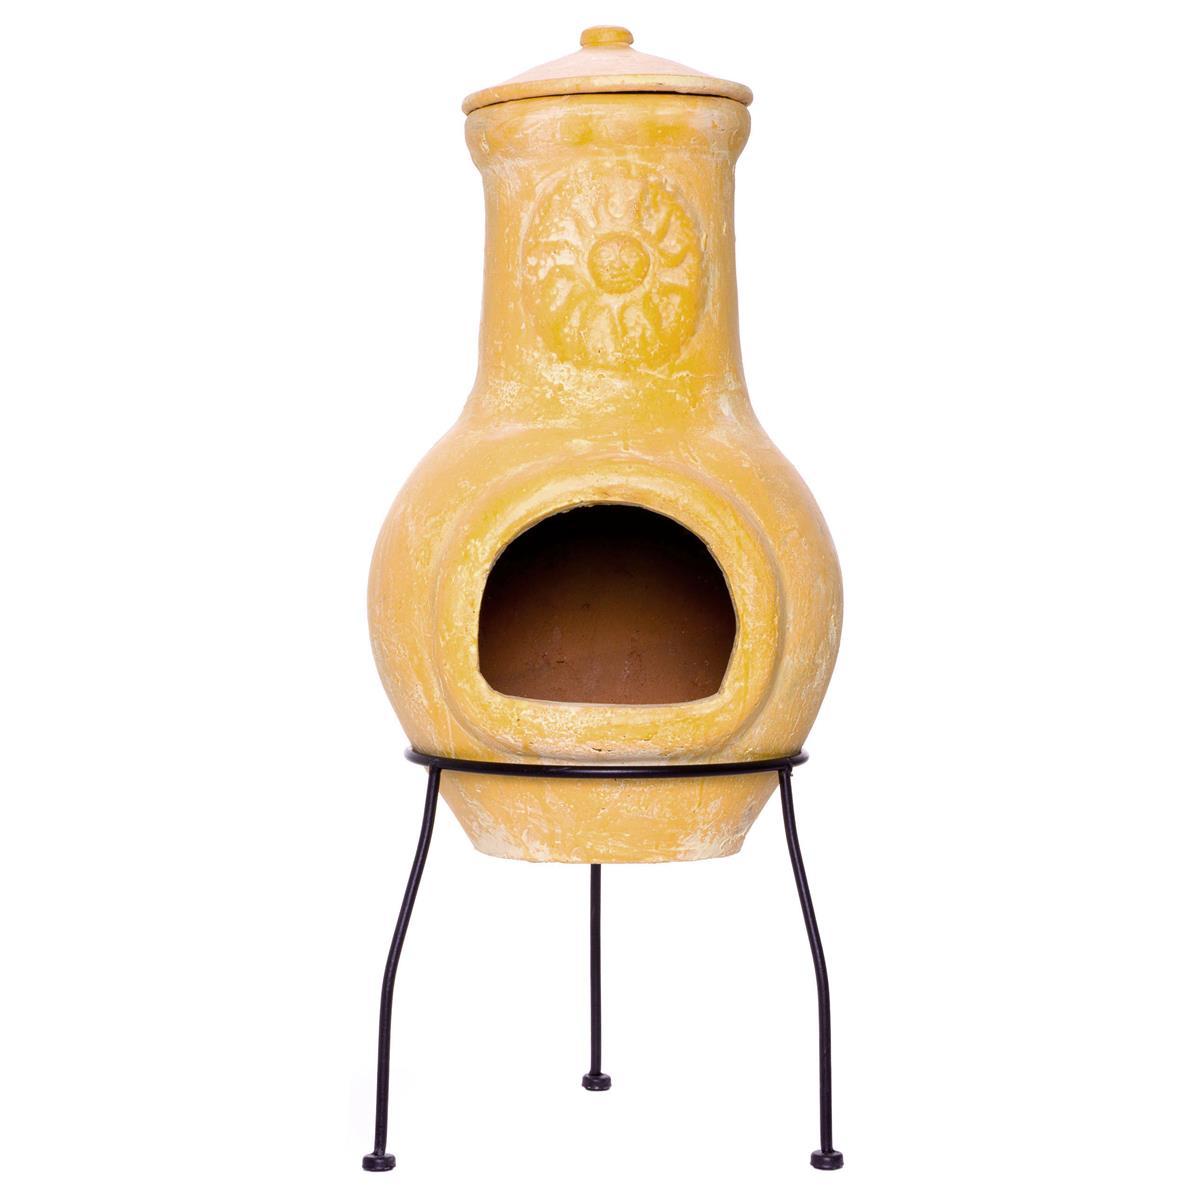 Terrassenofen Terracotta 77 cm Yaqui 16 kg Dreibein Stahlgestell Schlot